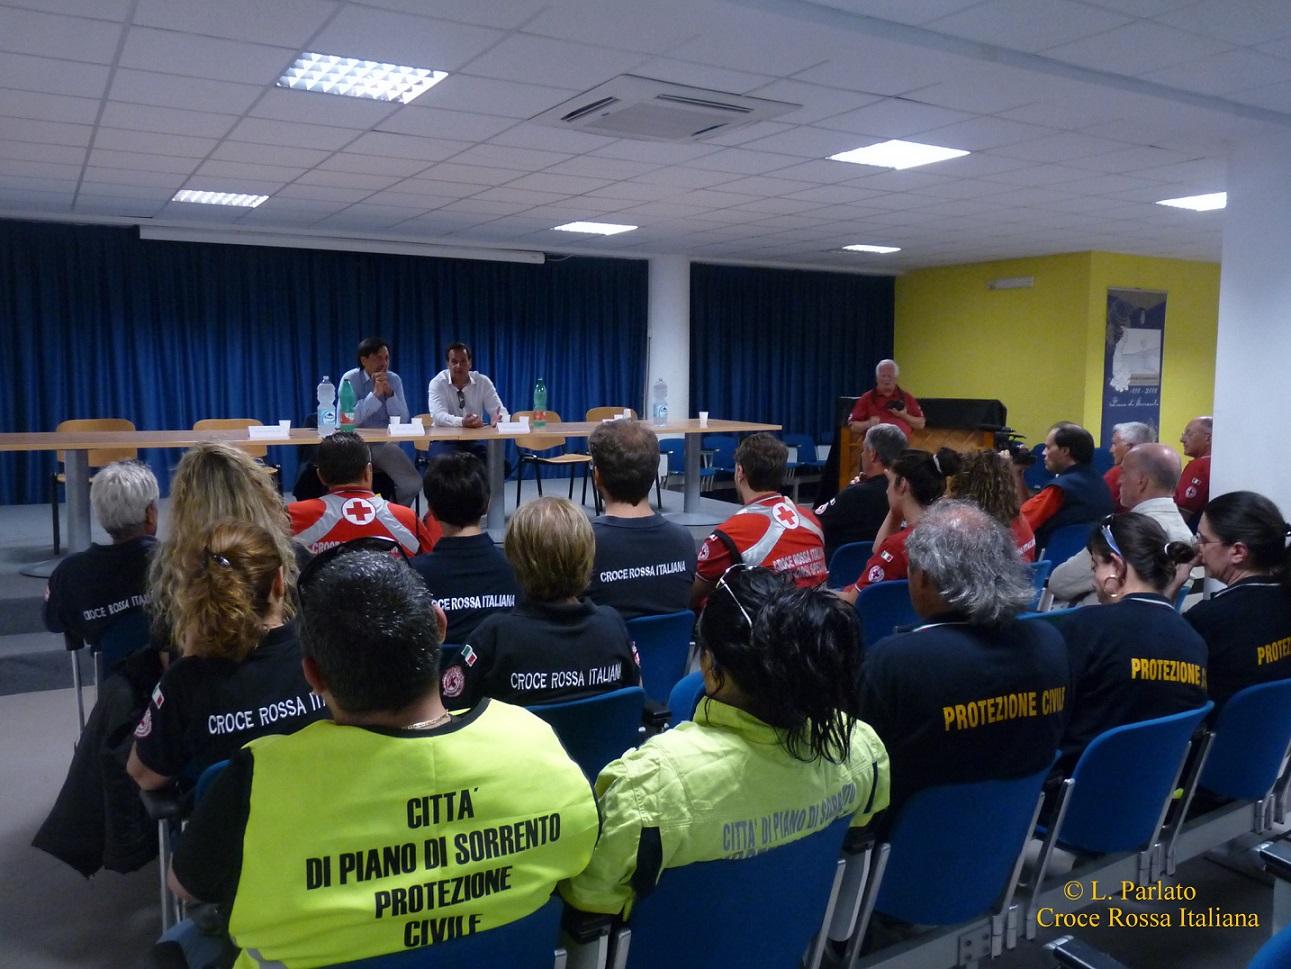 Presentazione Croce Rossa a Piano di Sorrento - Ph L Parlato (2)